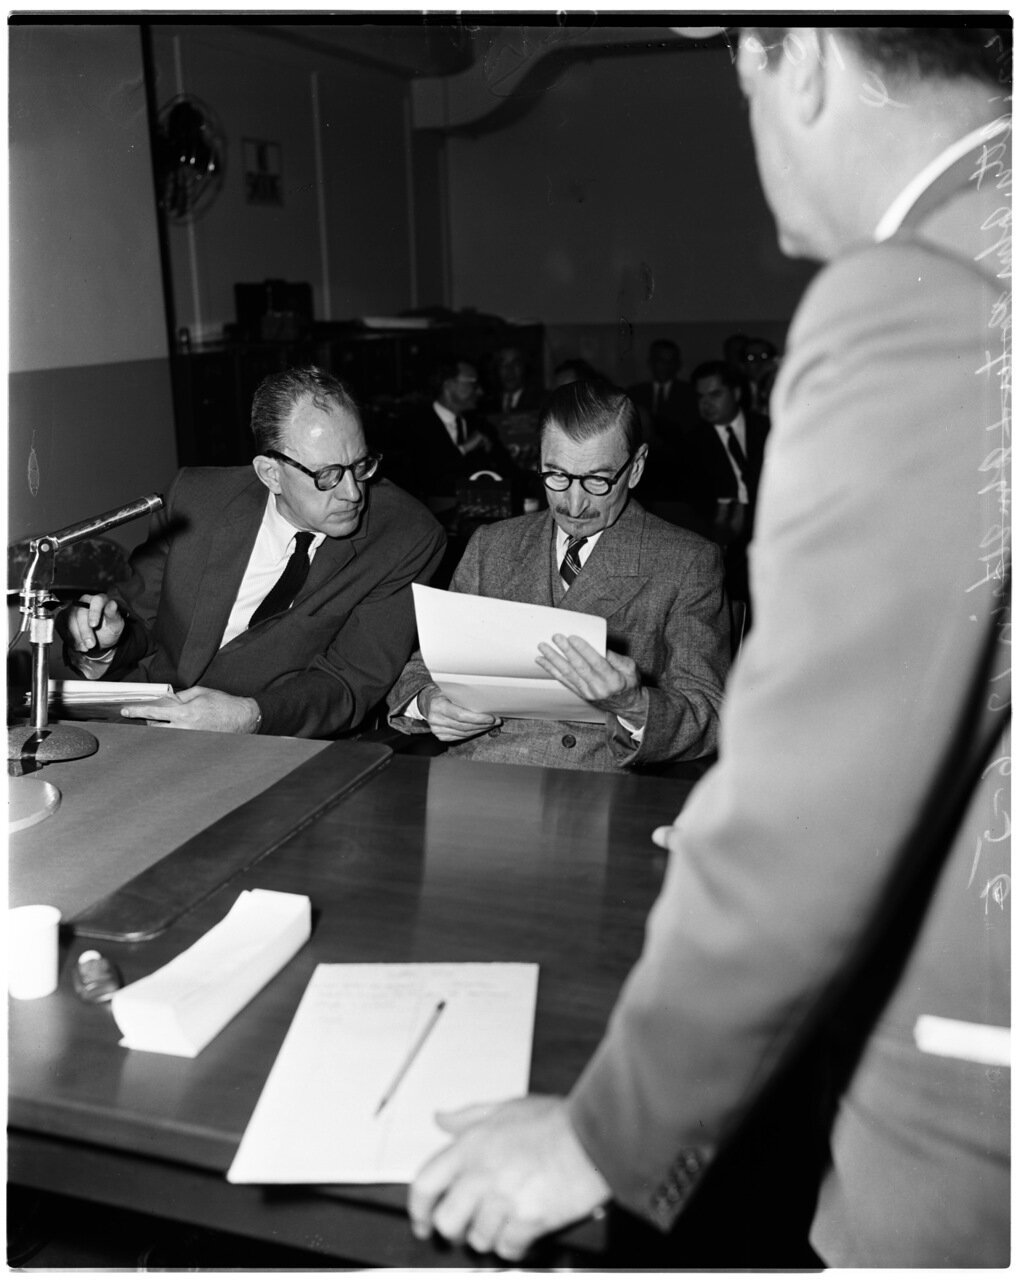 1956. 6 декабря. Комиссия по расследованию антиамериканской деятельности. Адвокат Портер и Джон Ухрин